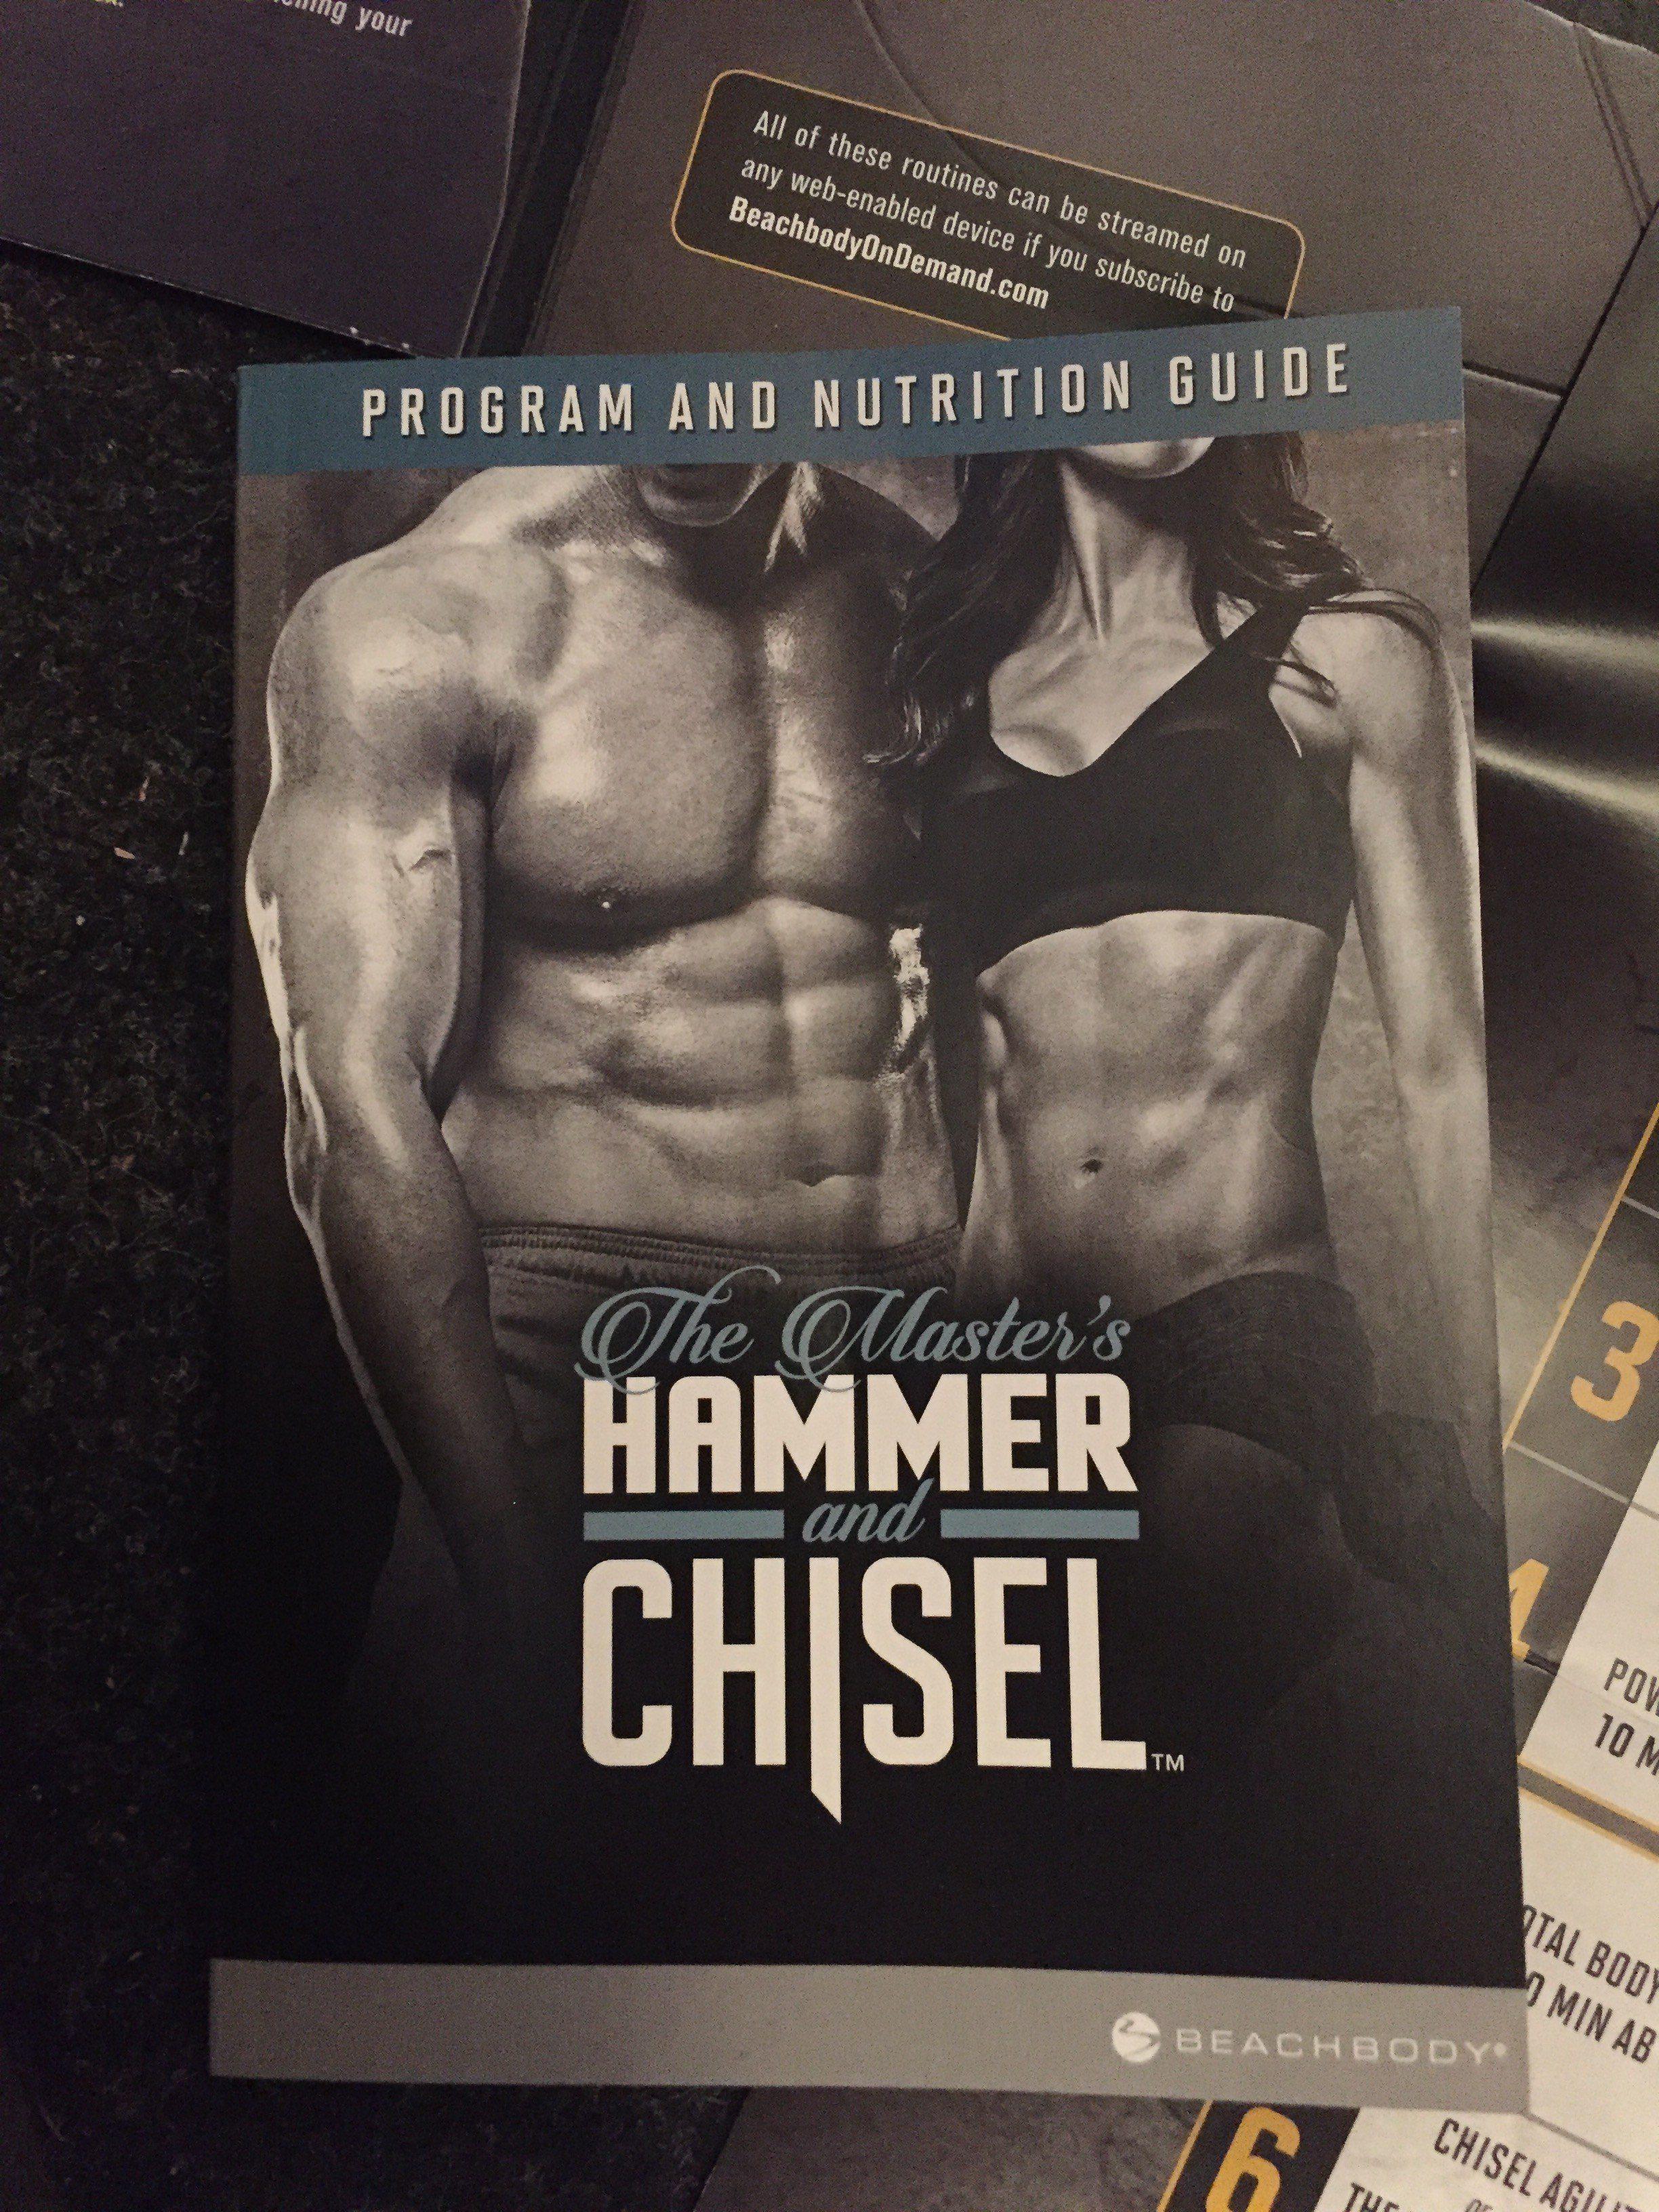 hammer-chisel-program-guide